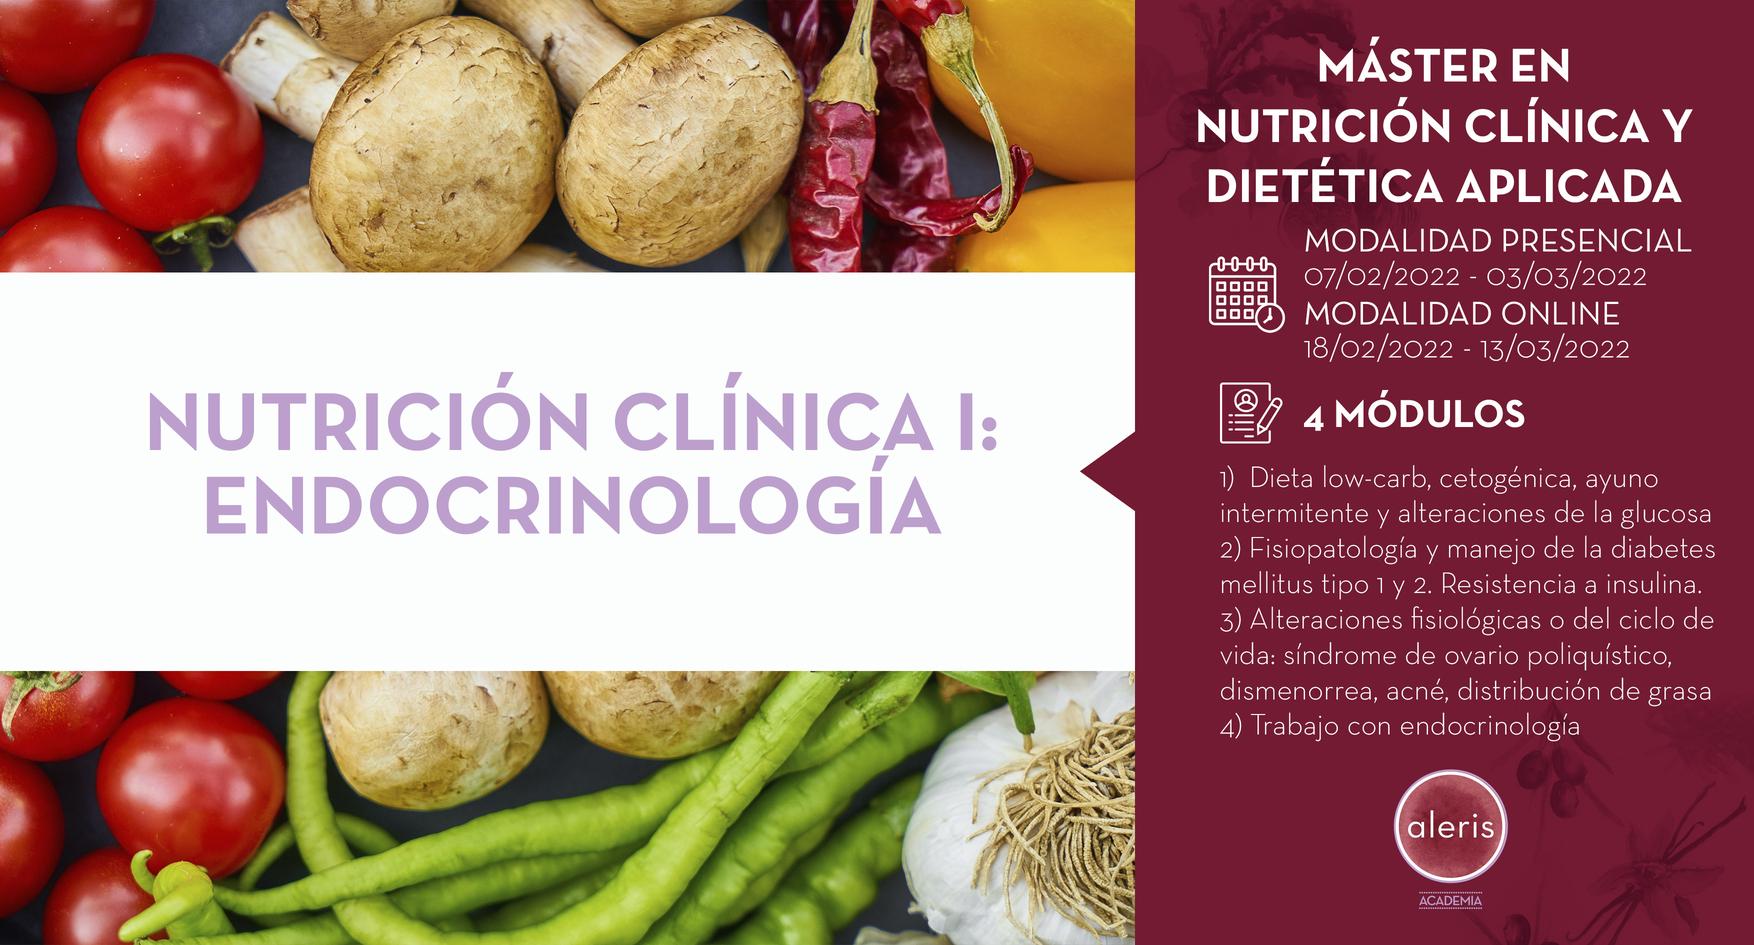 NUTRICIÓN CLÍNICA I: ENDOCRINOLOGÍA